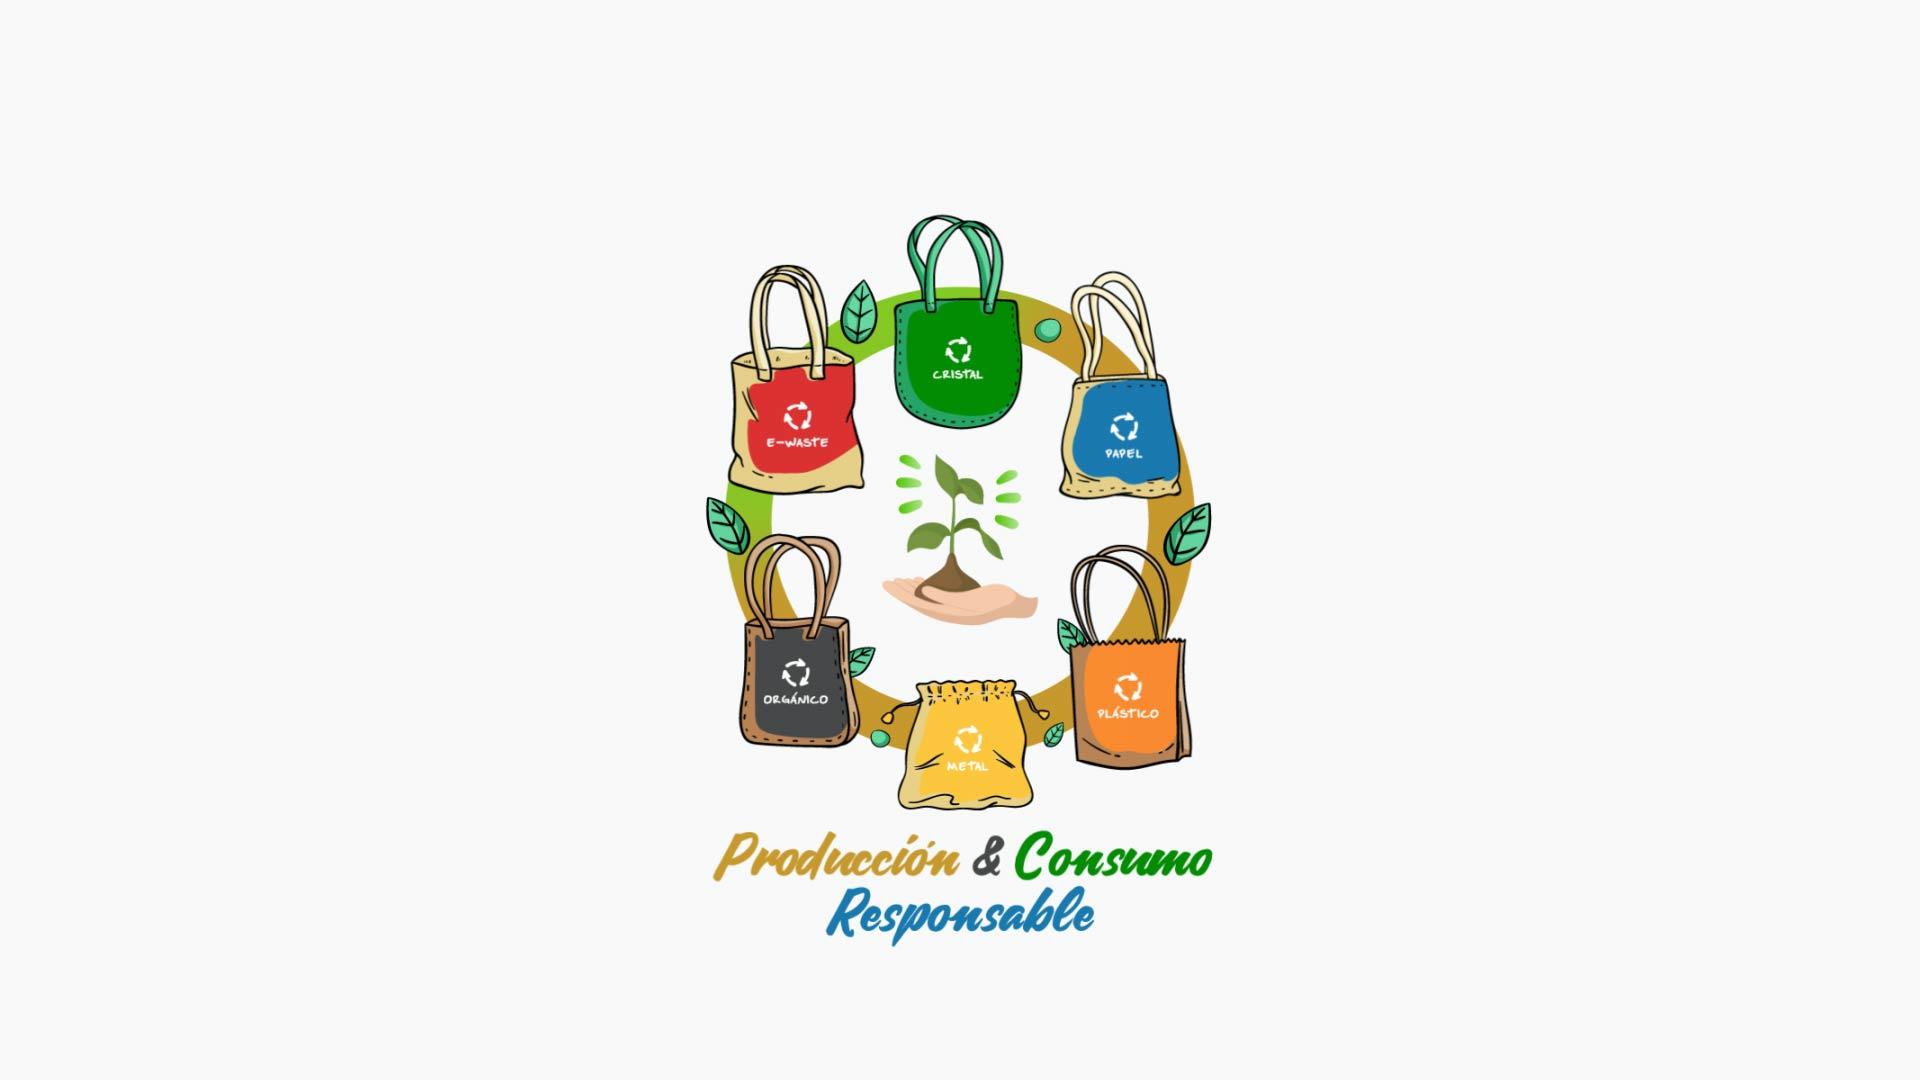 Objetivo 12: Producción y consumo responsable